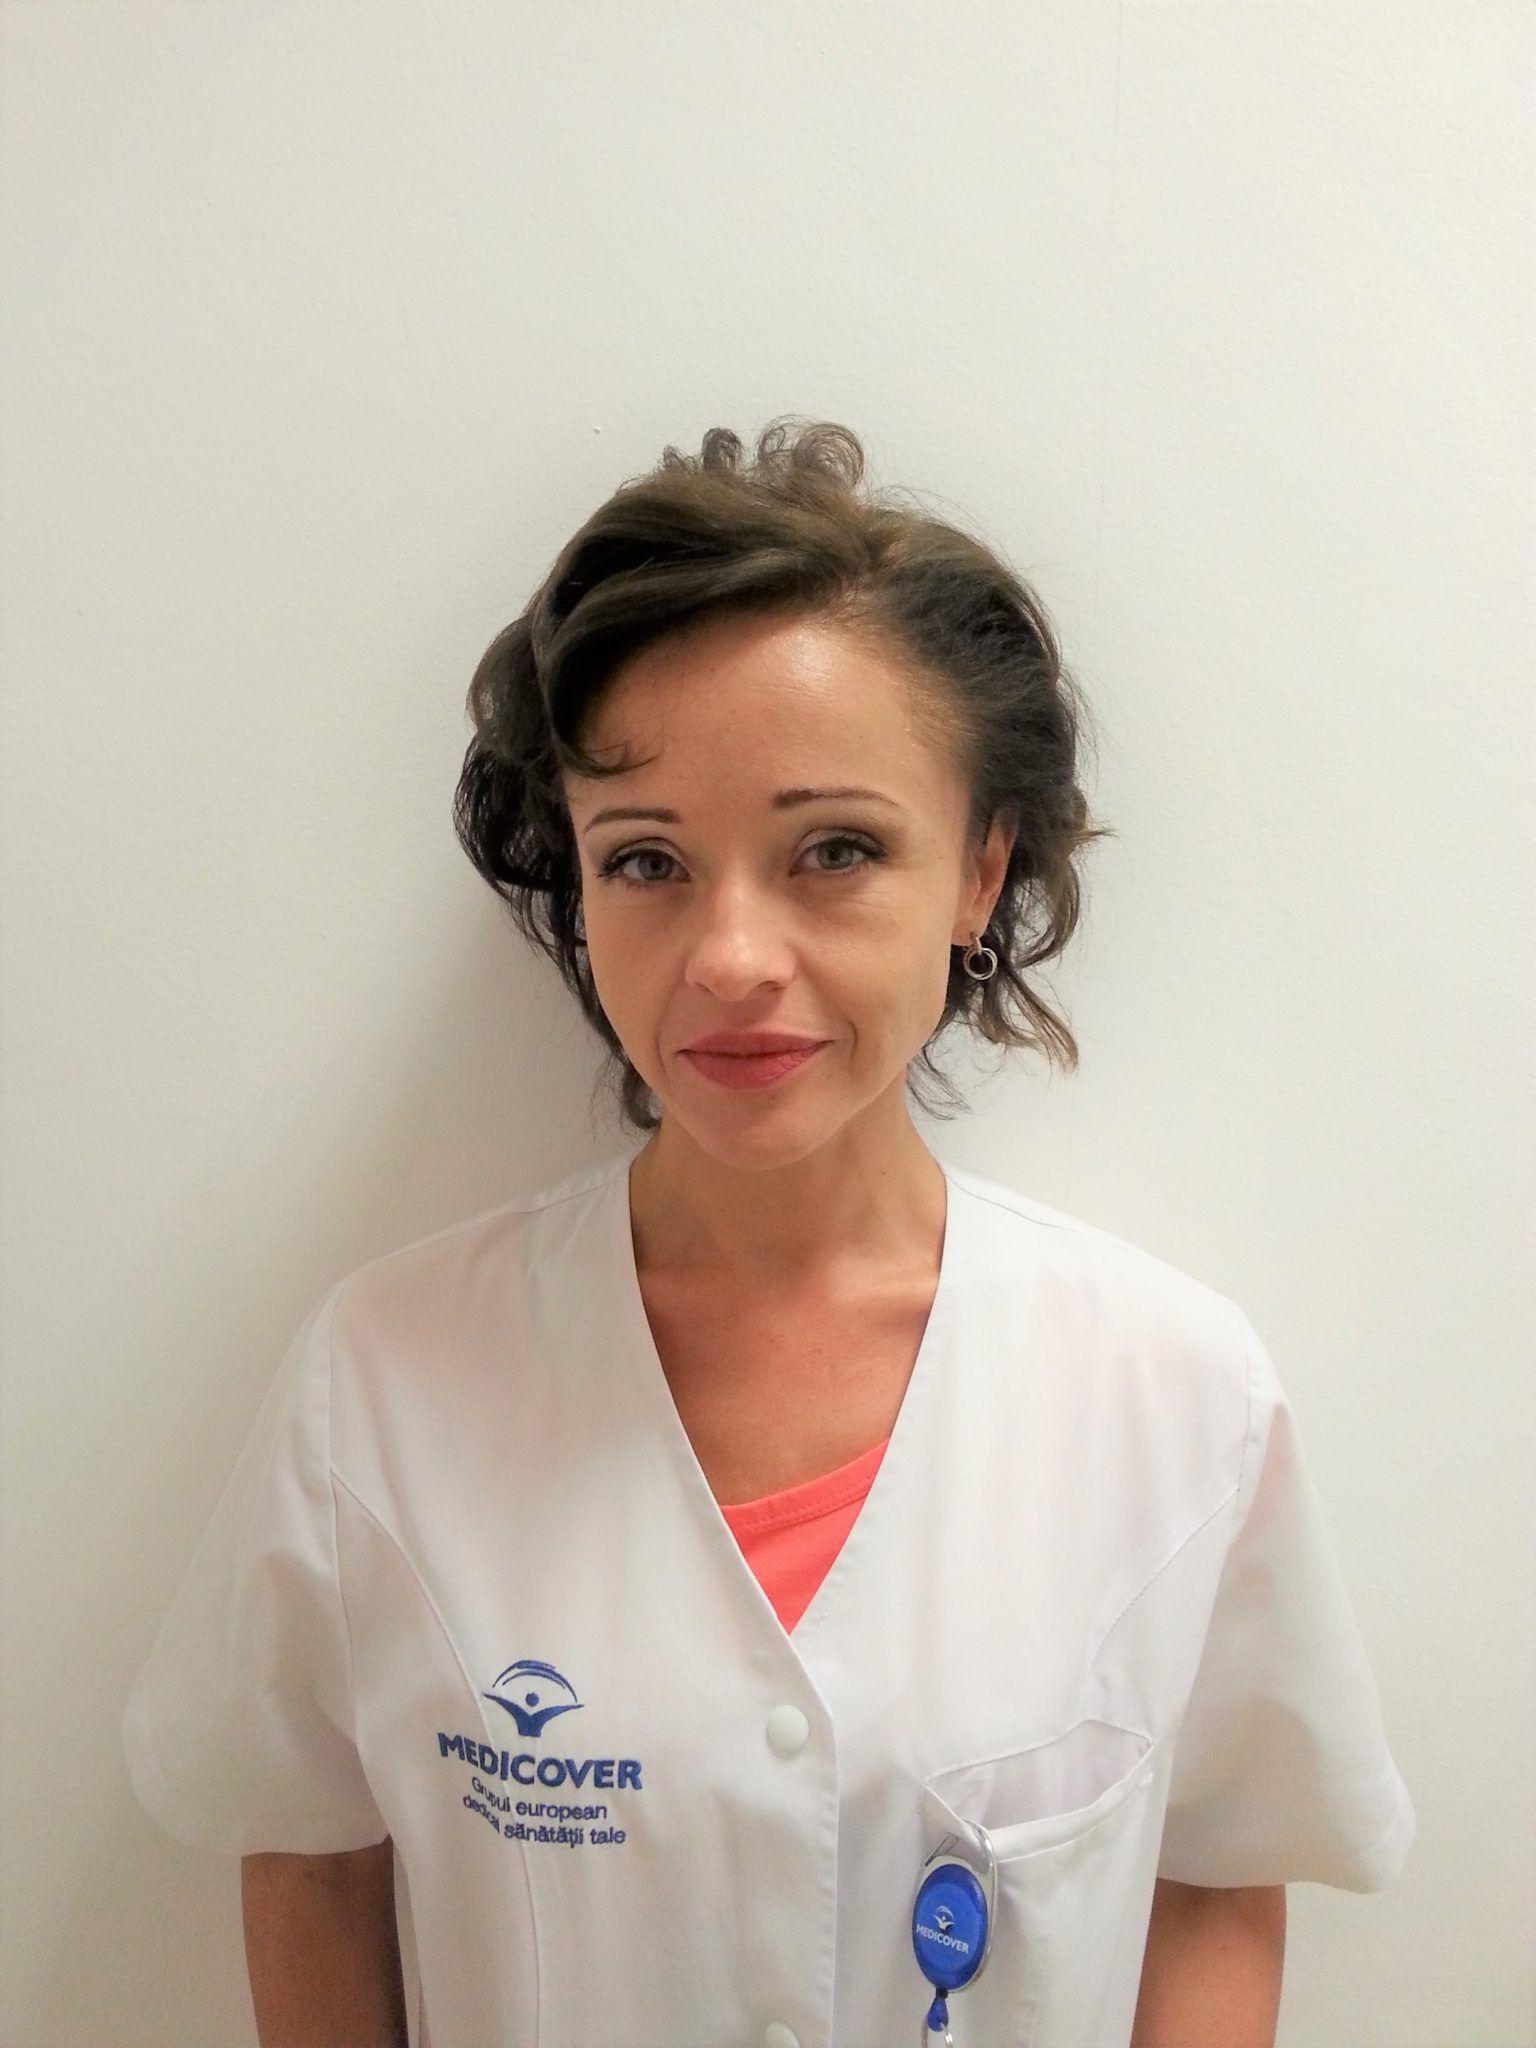 LiveDoc cu dr. Ioana Voiculescu, specialist în Radiologie și Imagistică Medicală la Medicover. Cum depistezi cancerul la sân înainte de apariția simptomelor